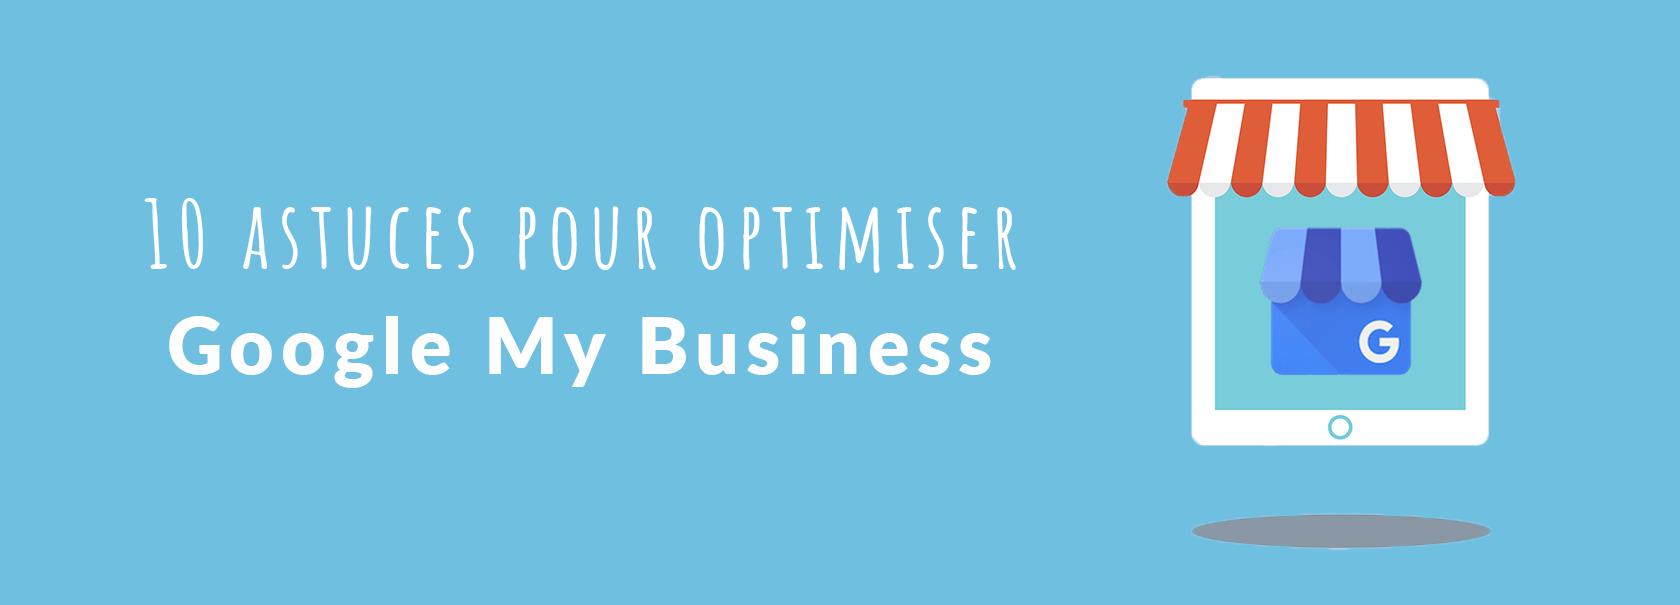 bandeau :10 astuces pour optimiser sa fiche google my business